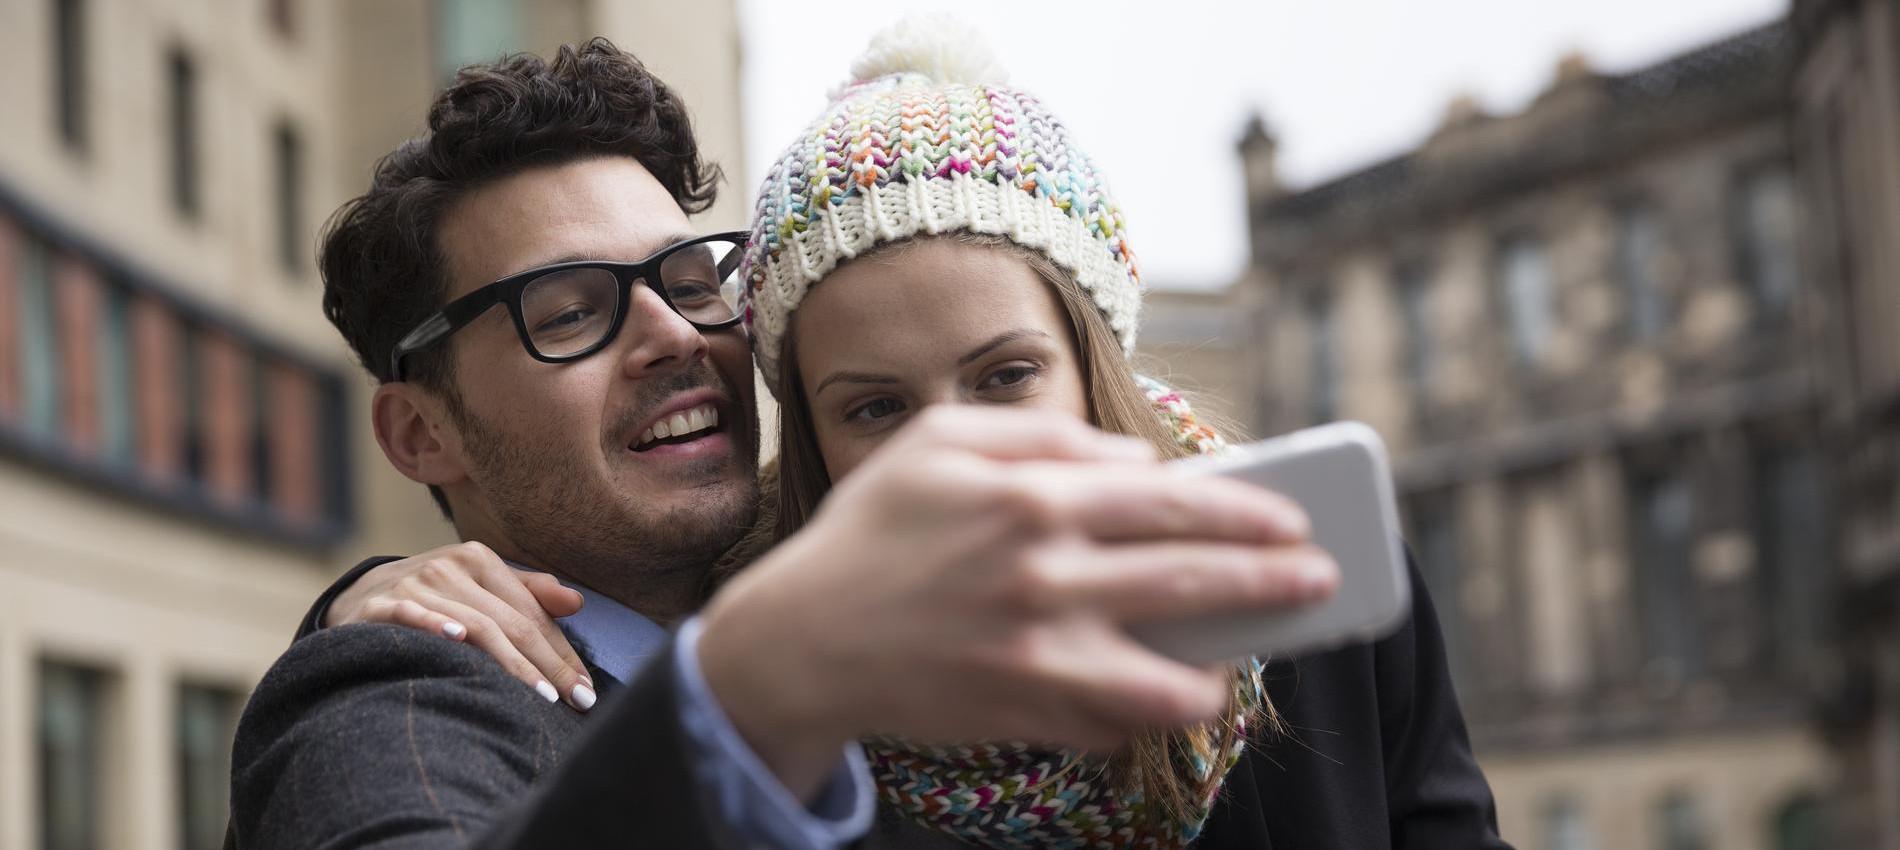 Scrisori julietei online dating